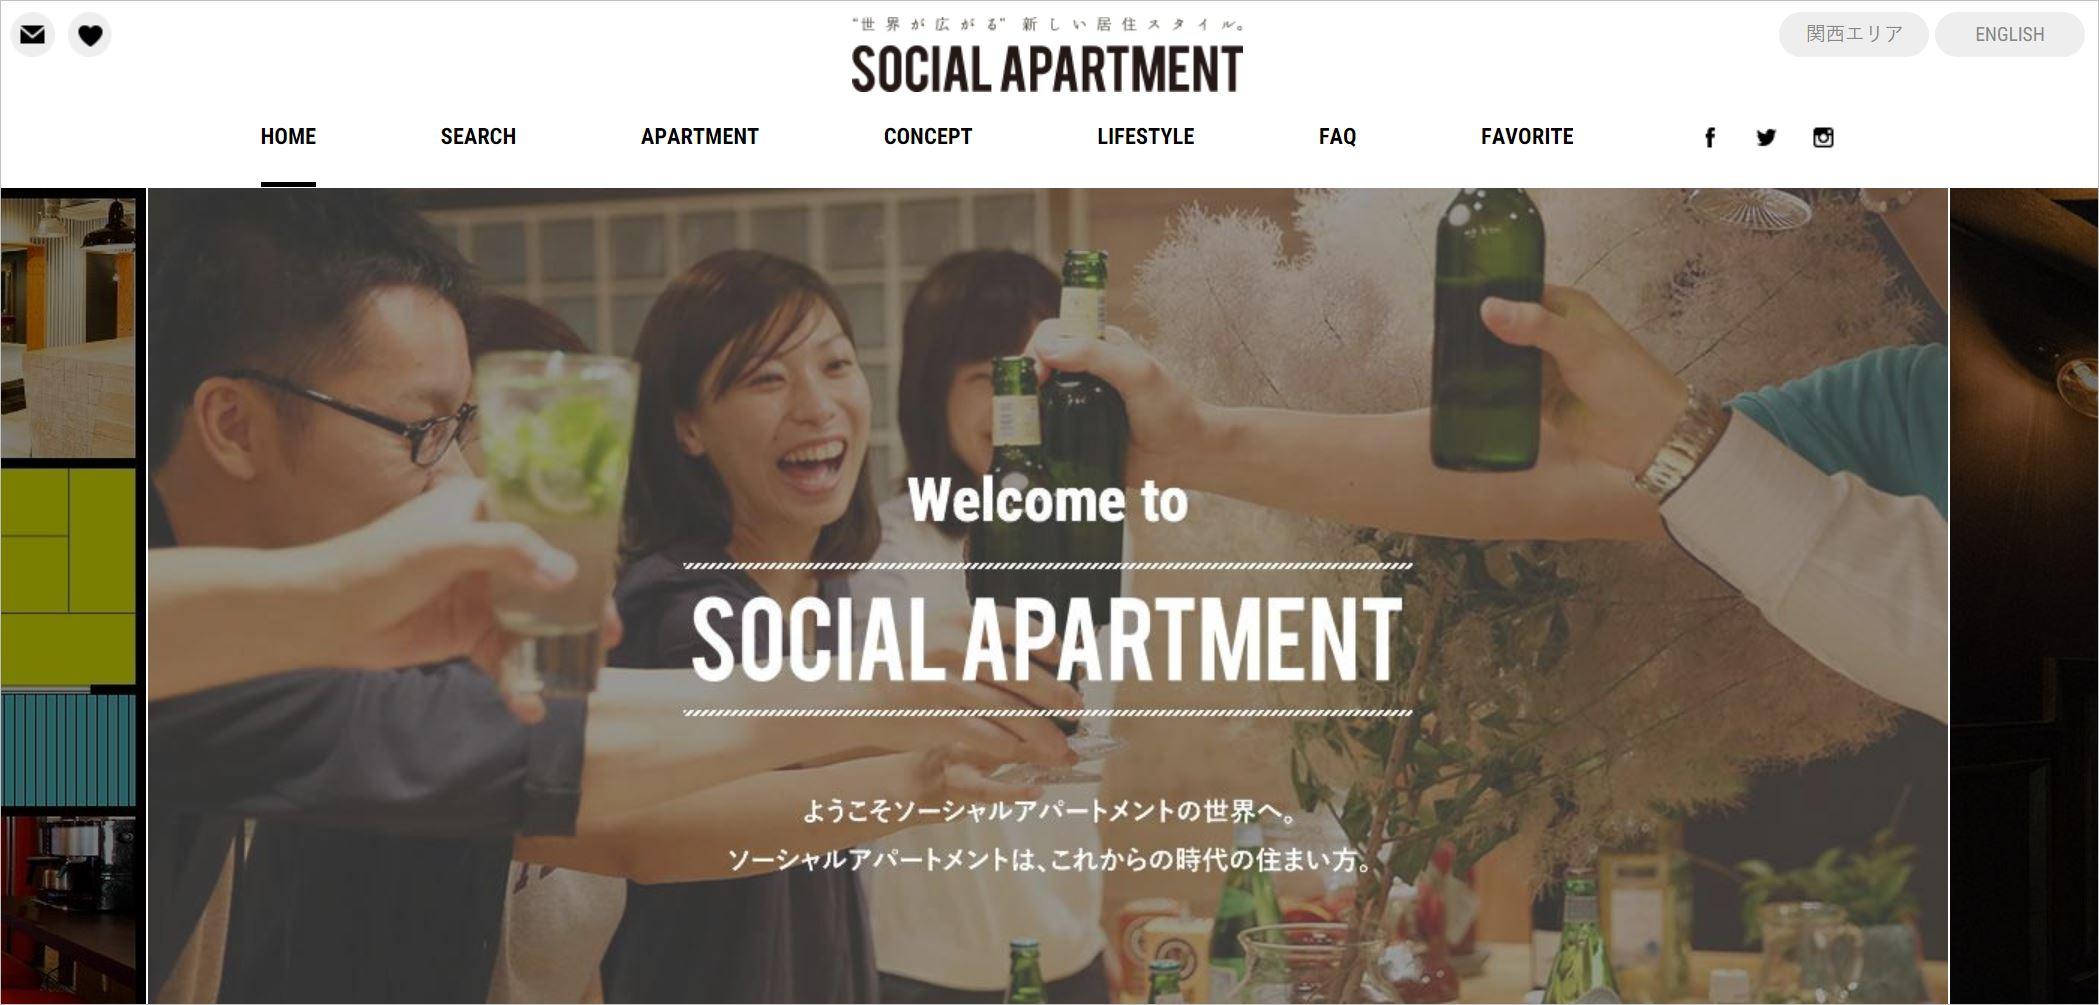 ソーシャルアパートメントのトップ画面